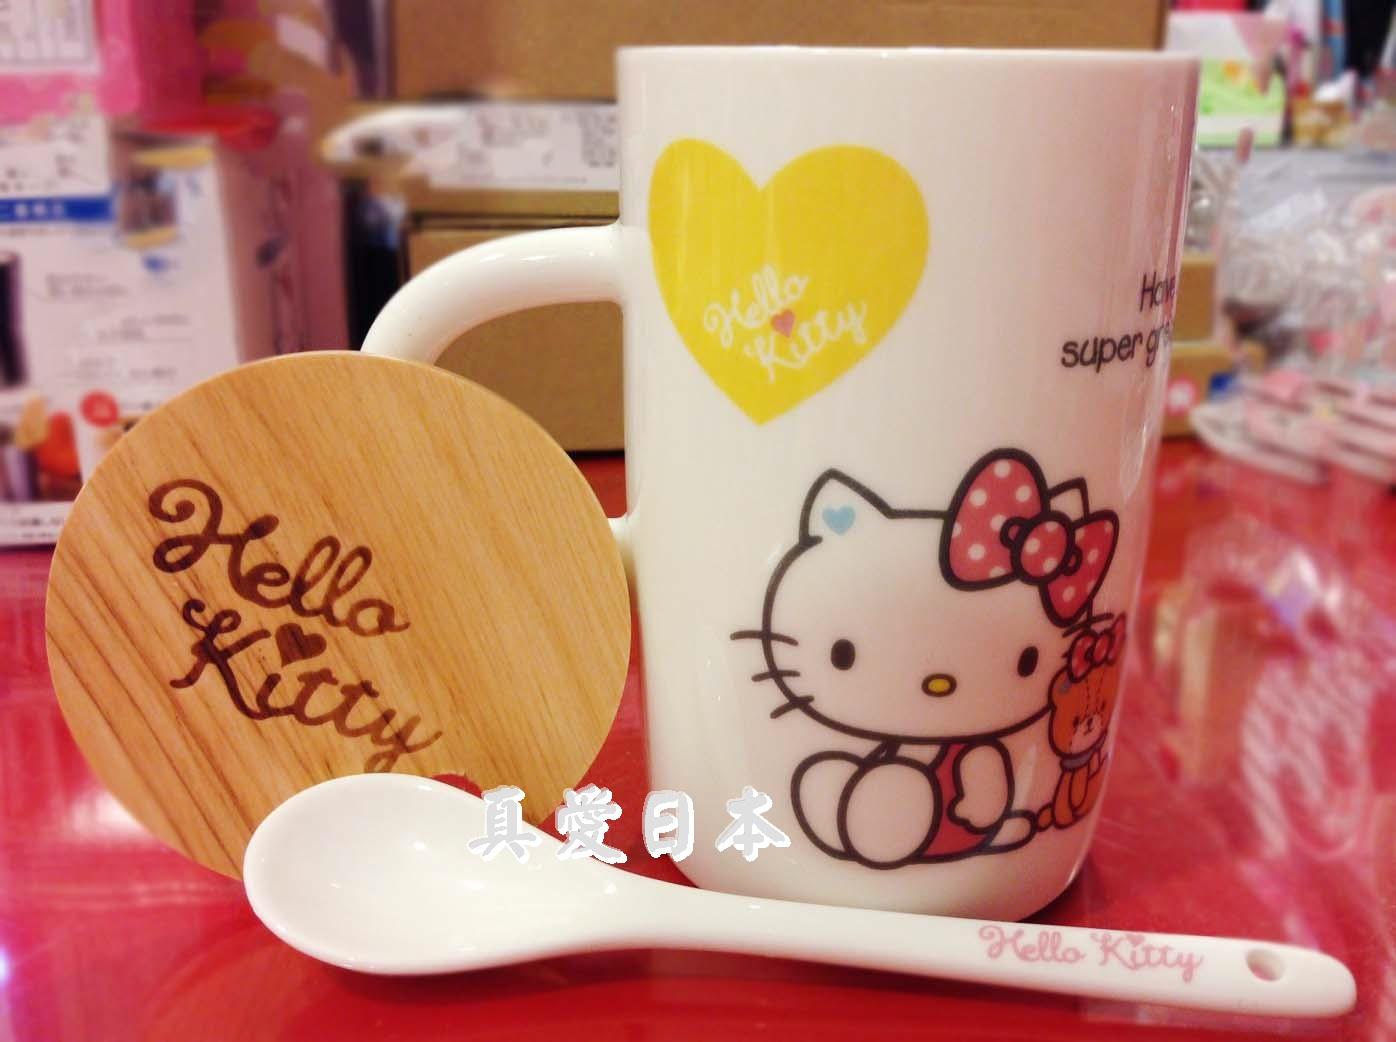 【真愛日本】16042800045馬克杯+蓋附湯匙-與熊彩心 三麗鷗 Hello Kitty 凱蒂貓  水杯 咖啡杯 附蓋